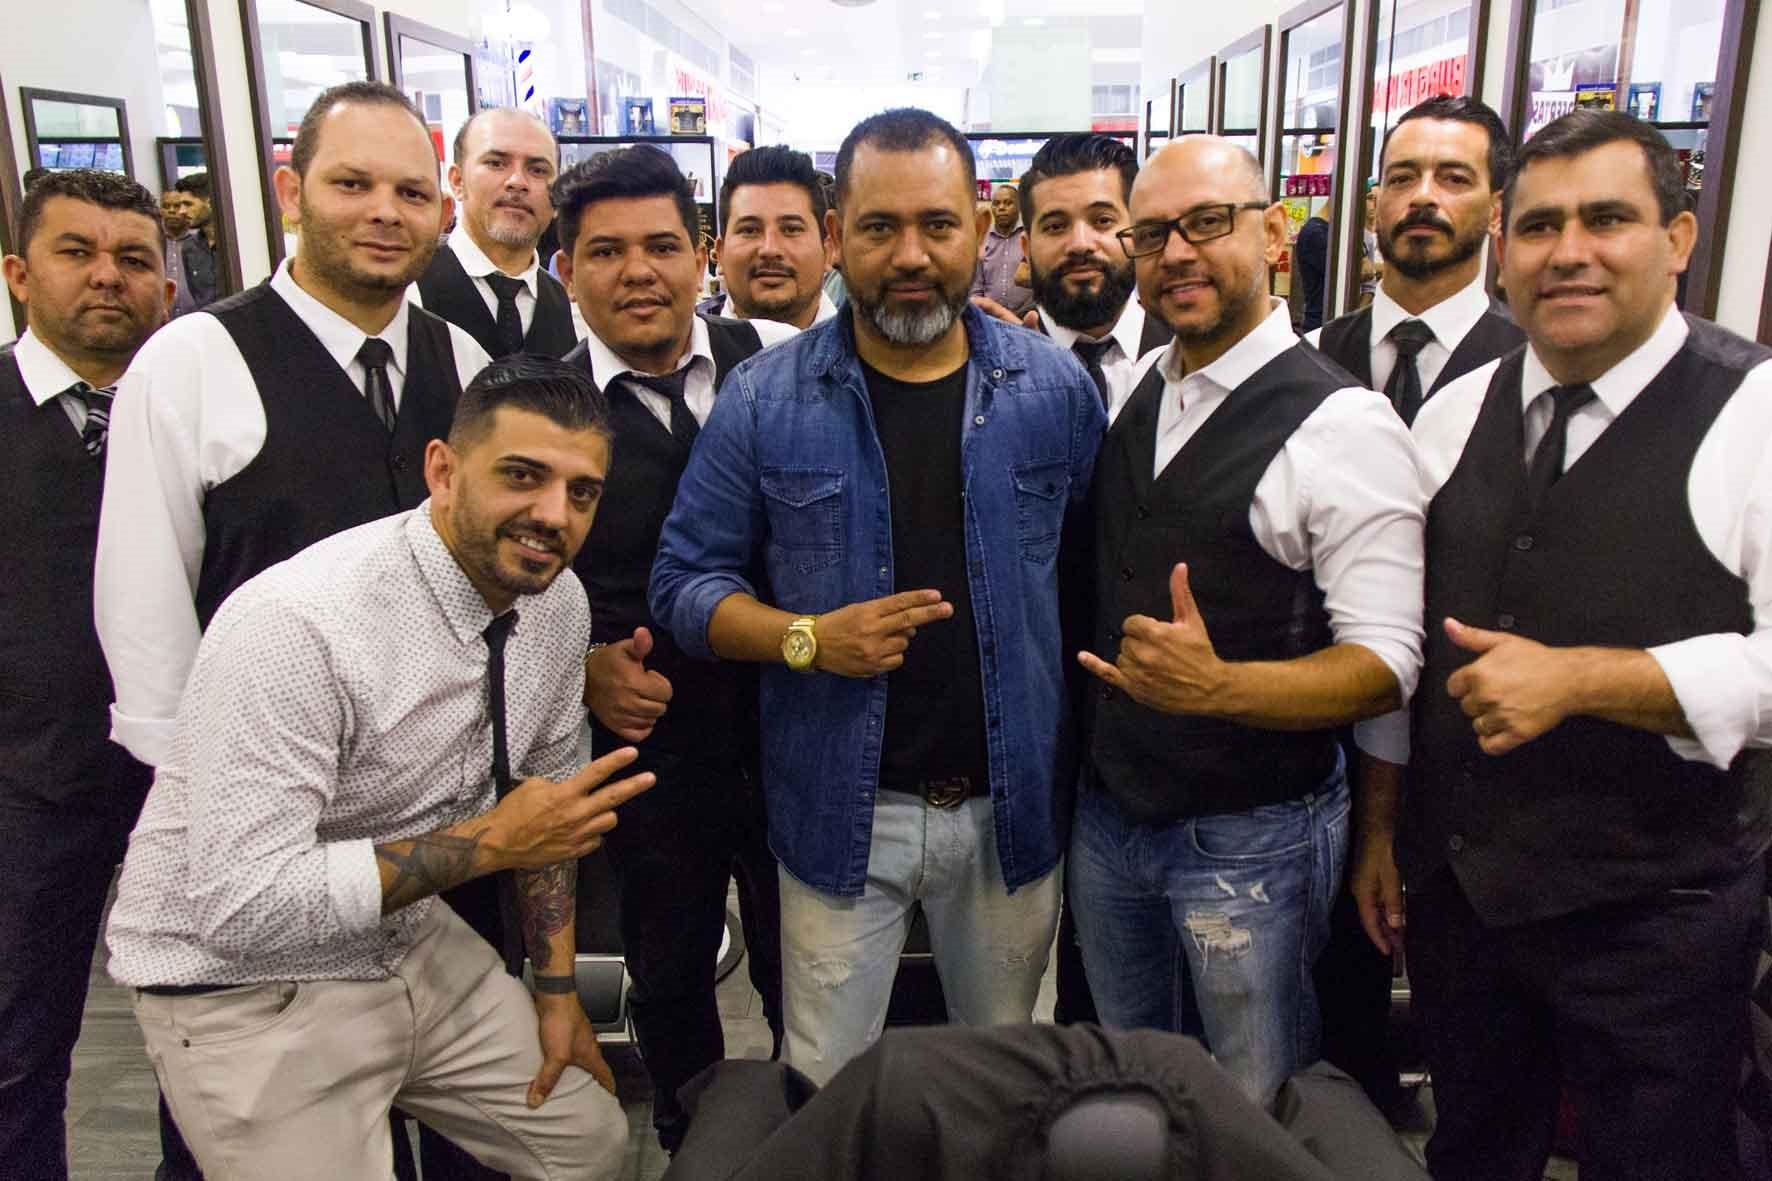 Equipe Barbearia Bar, Celso Barbeiro e Junior Santana